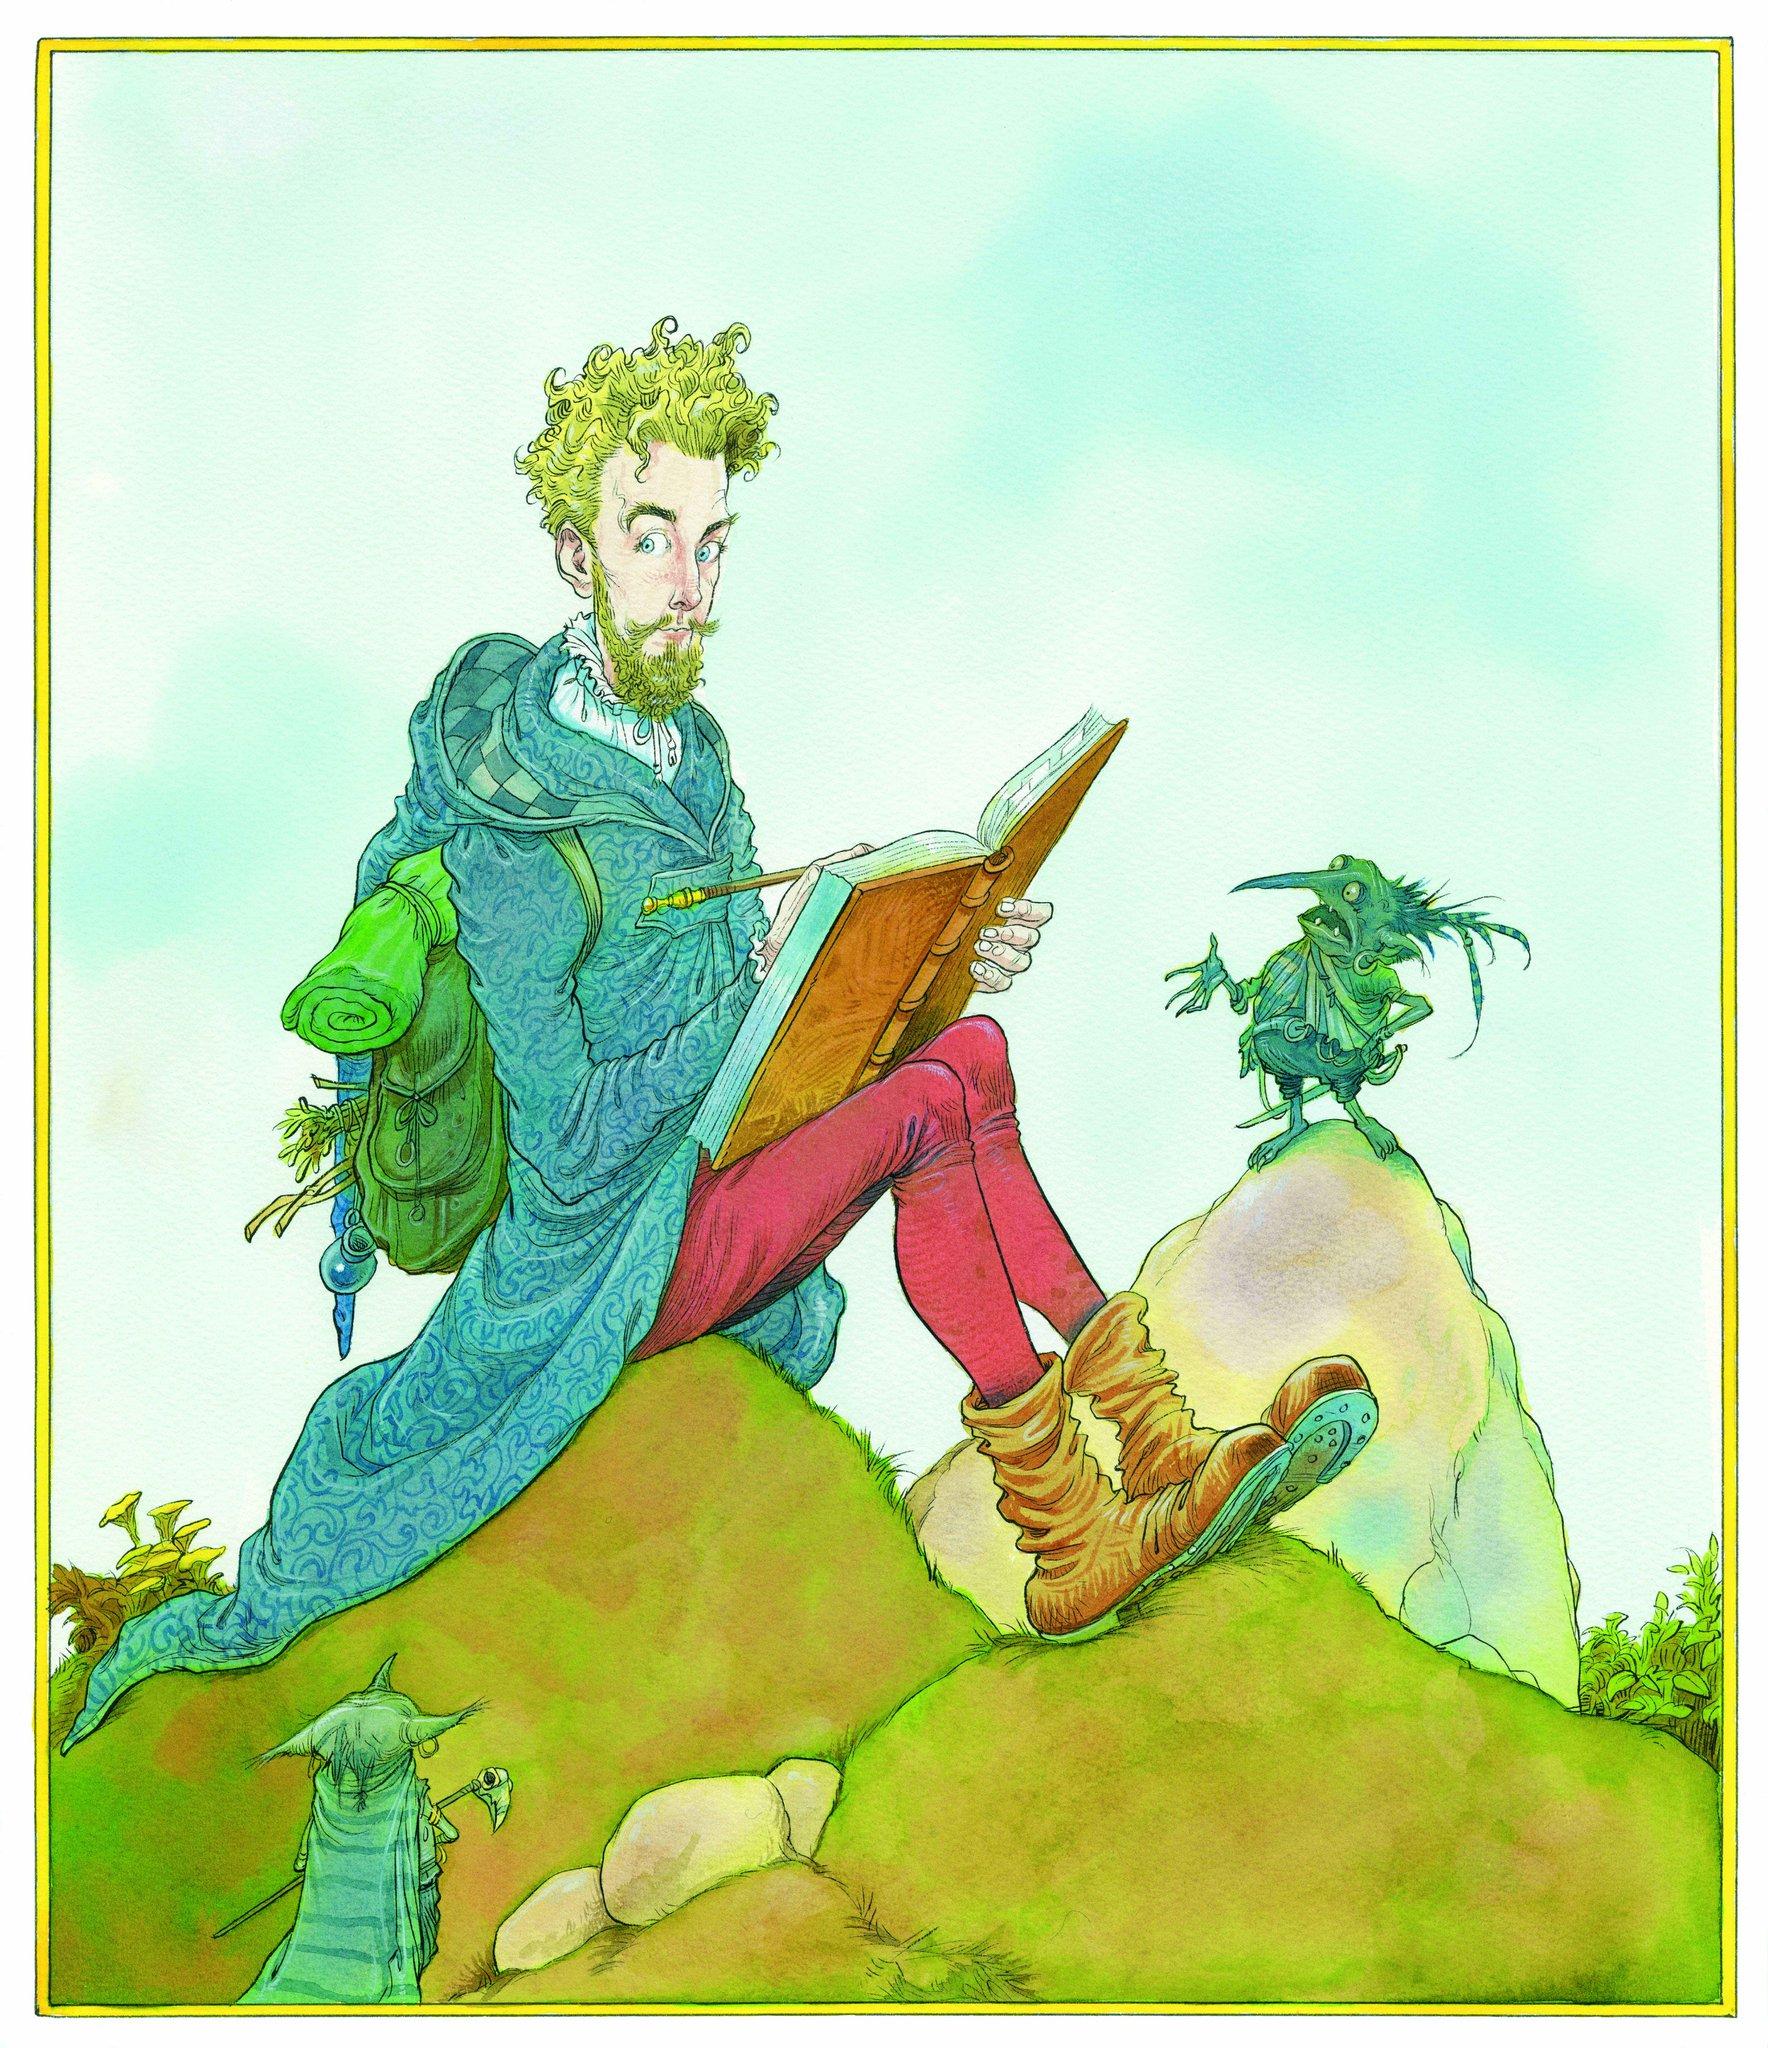 Na imagem, um homem loiro, de olhos azuis, escreve em um livro. Ele olha para pequenas criaturas esverdeadas que parecem gnomos. Ele está sentado em um montinho, há outra criatura em outro montinho olhando e aparentemente falando com ele. O homem está usando uma roupa azul estampada com capuz, uma calça rosa e botas amarelas. Ele carrega uma bolsa com o que parece ser um saco de dormir.